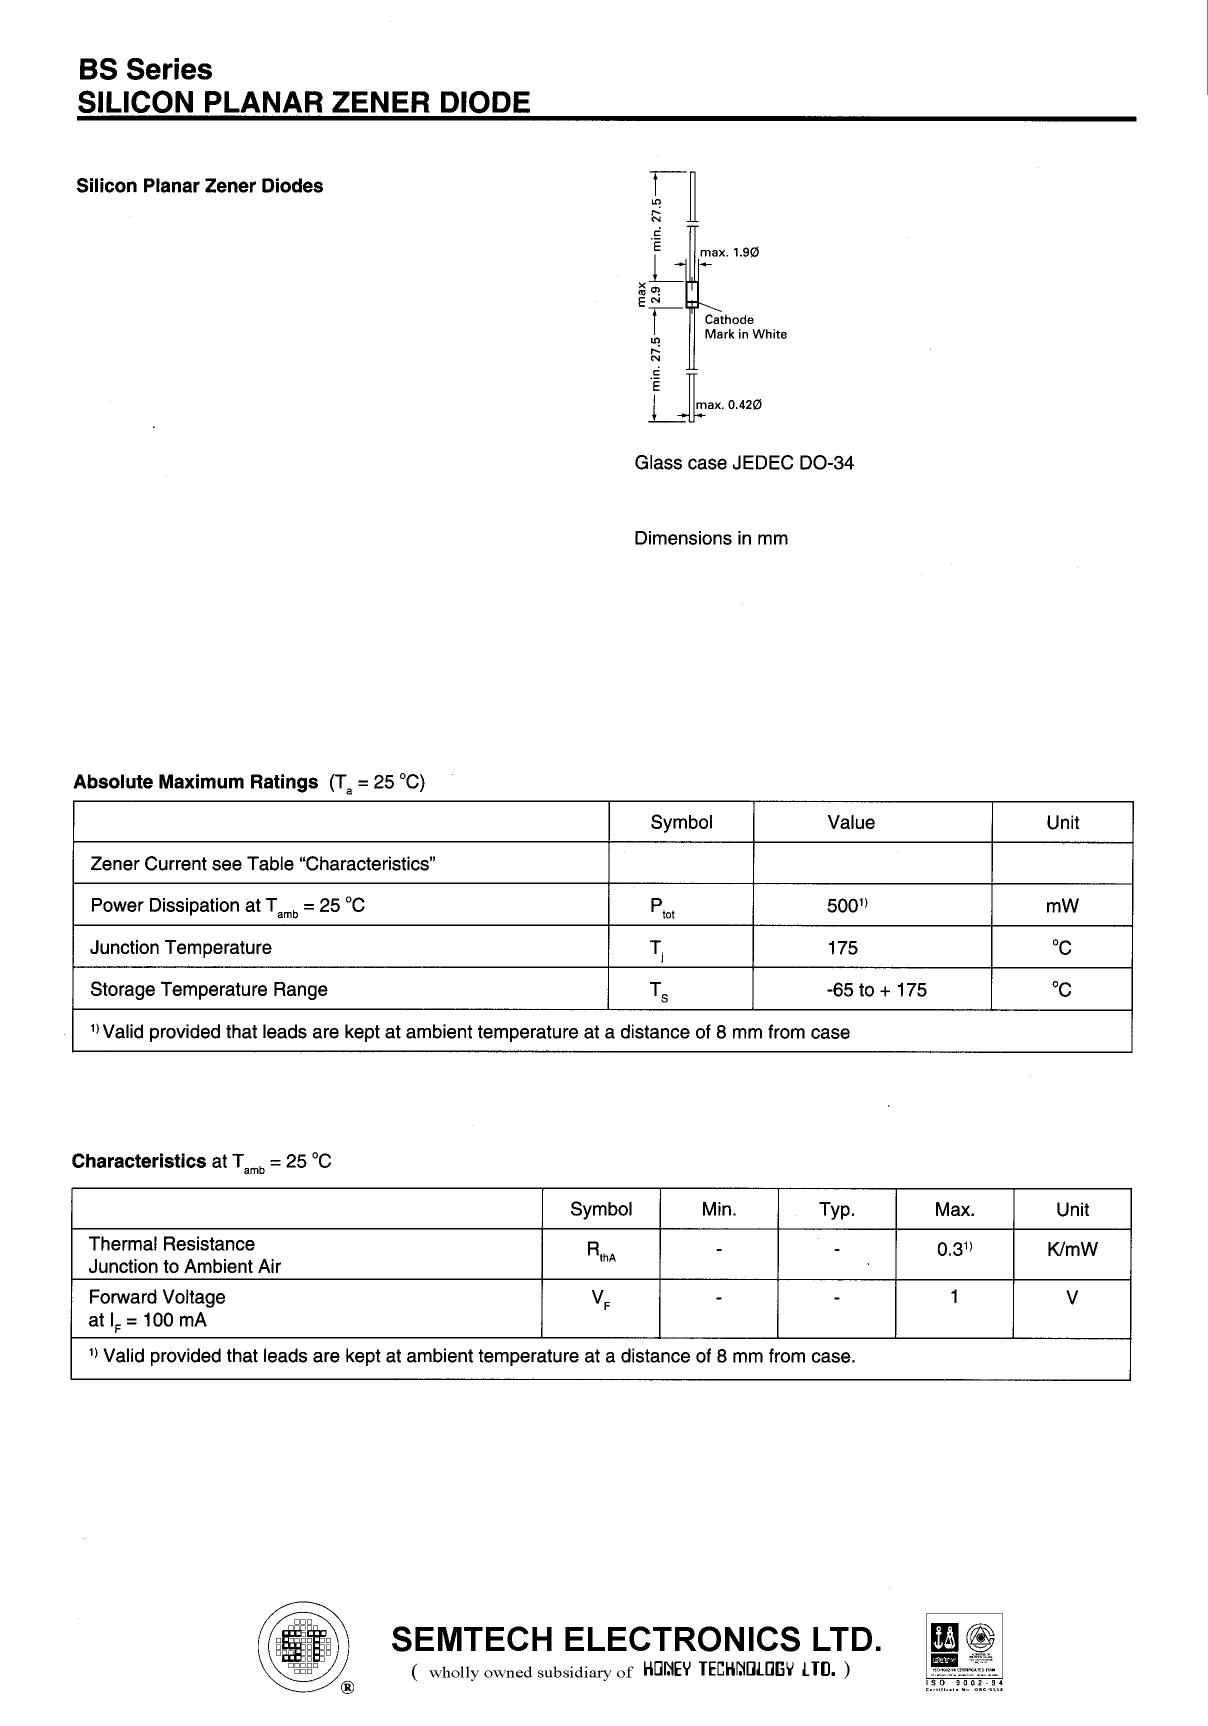 6.2BSB datasheet